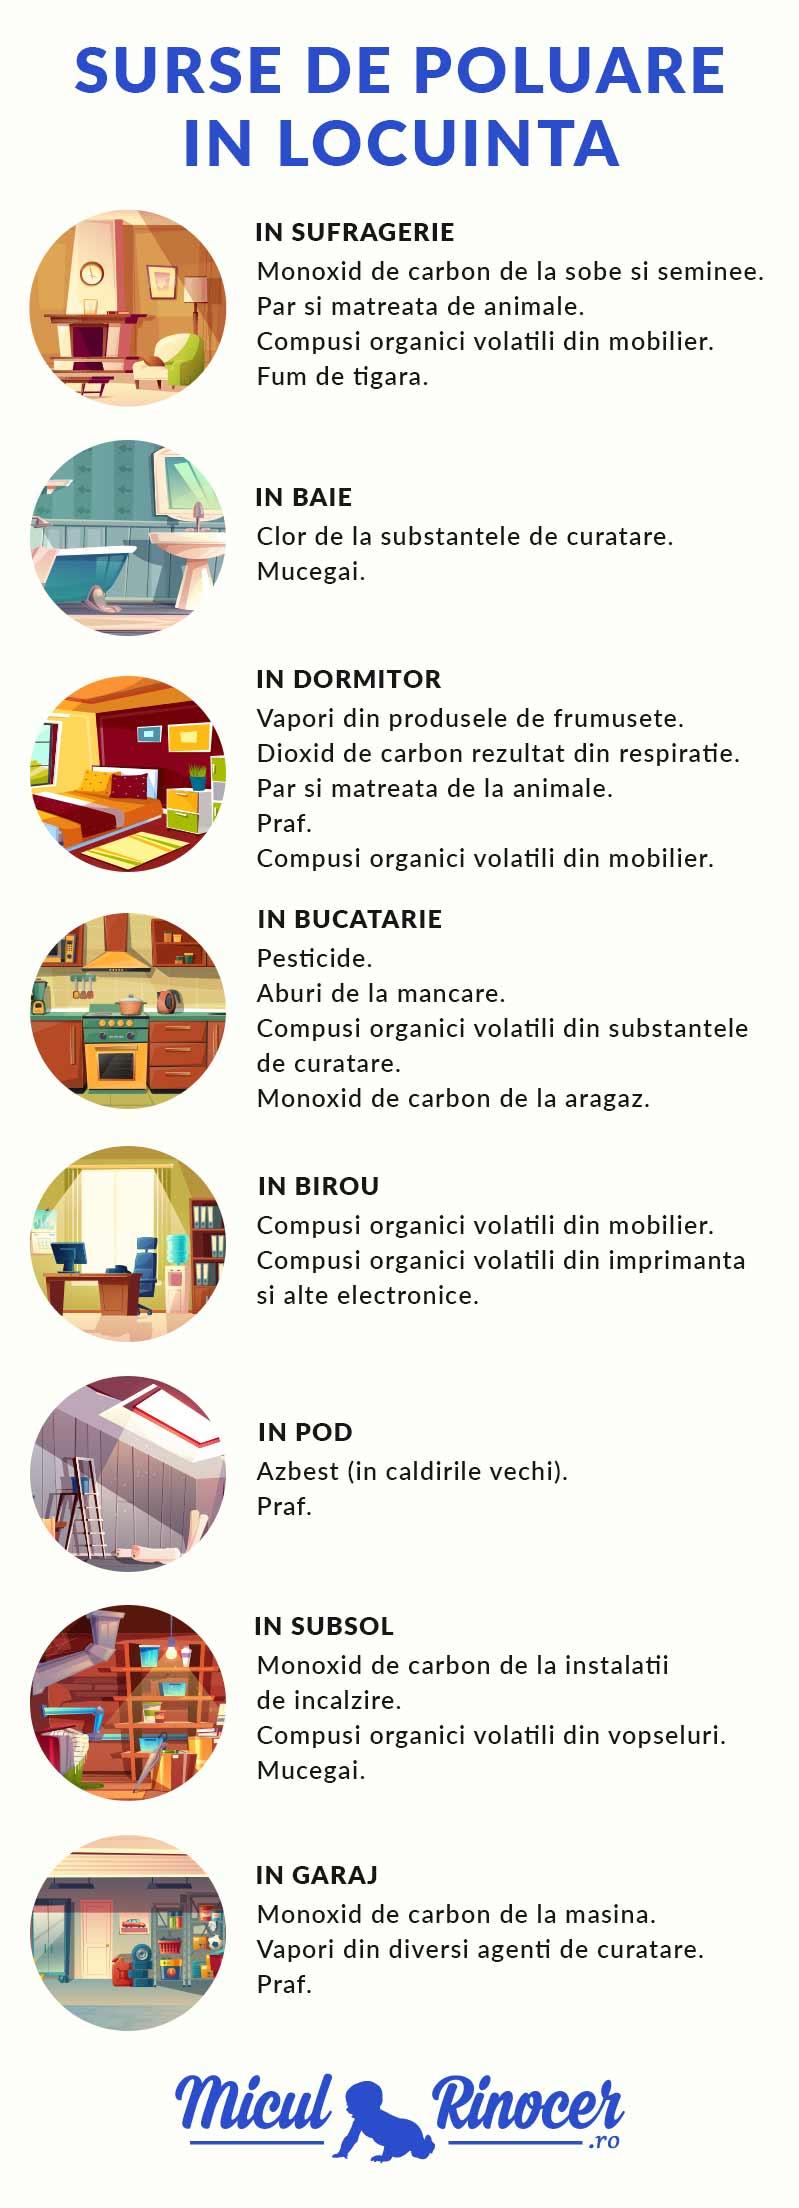 surse de poluare in locuinta - MiculRinocer.ro